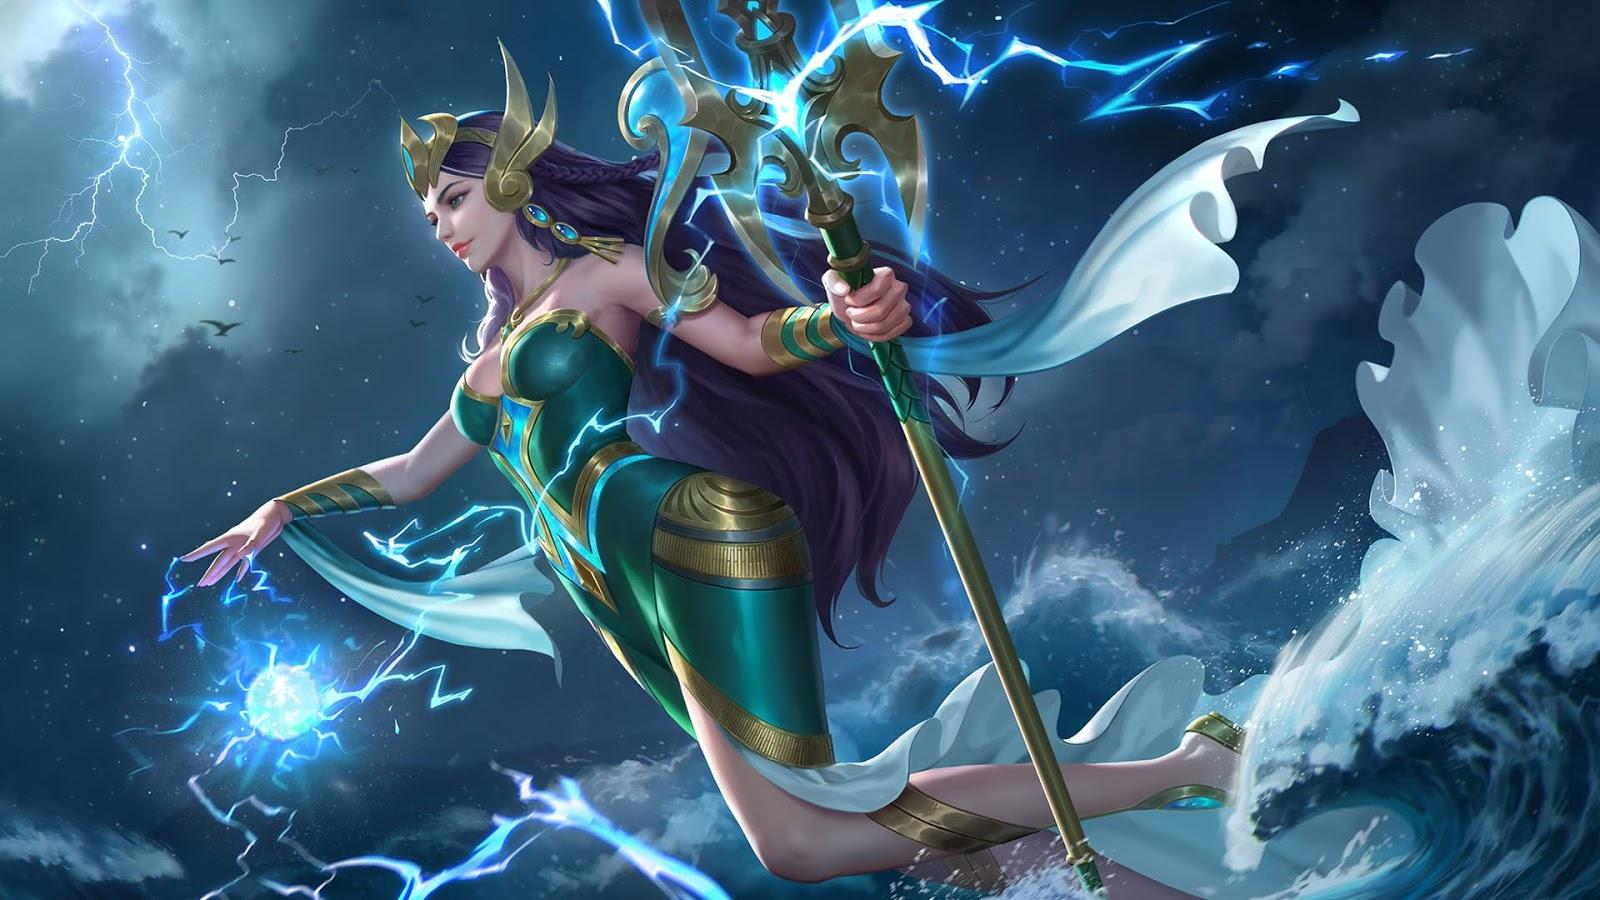 Wallpaper Kadita Ocean Goddess Skin Mobile Legends HD for PC